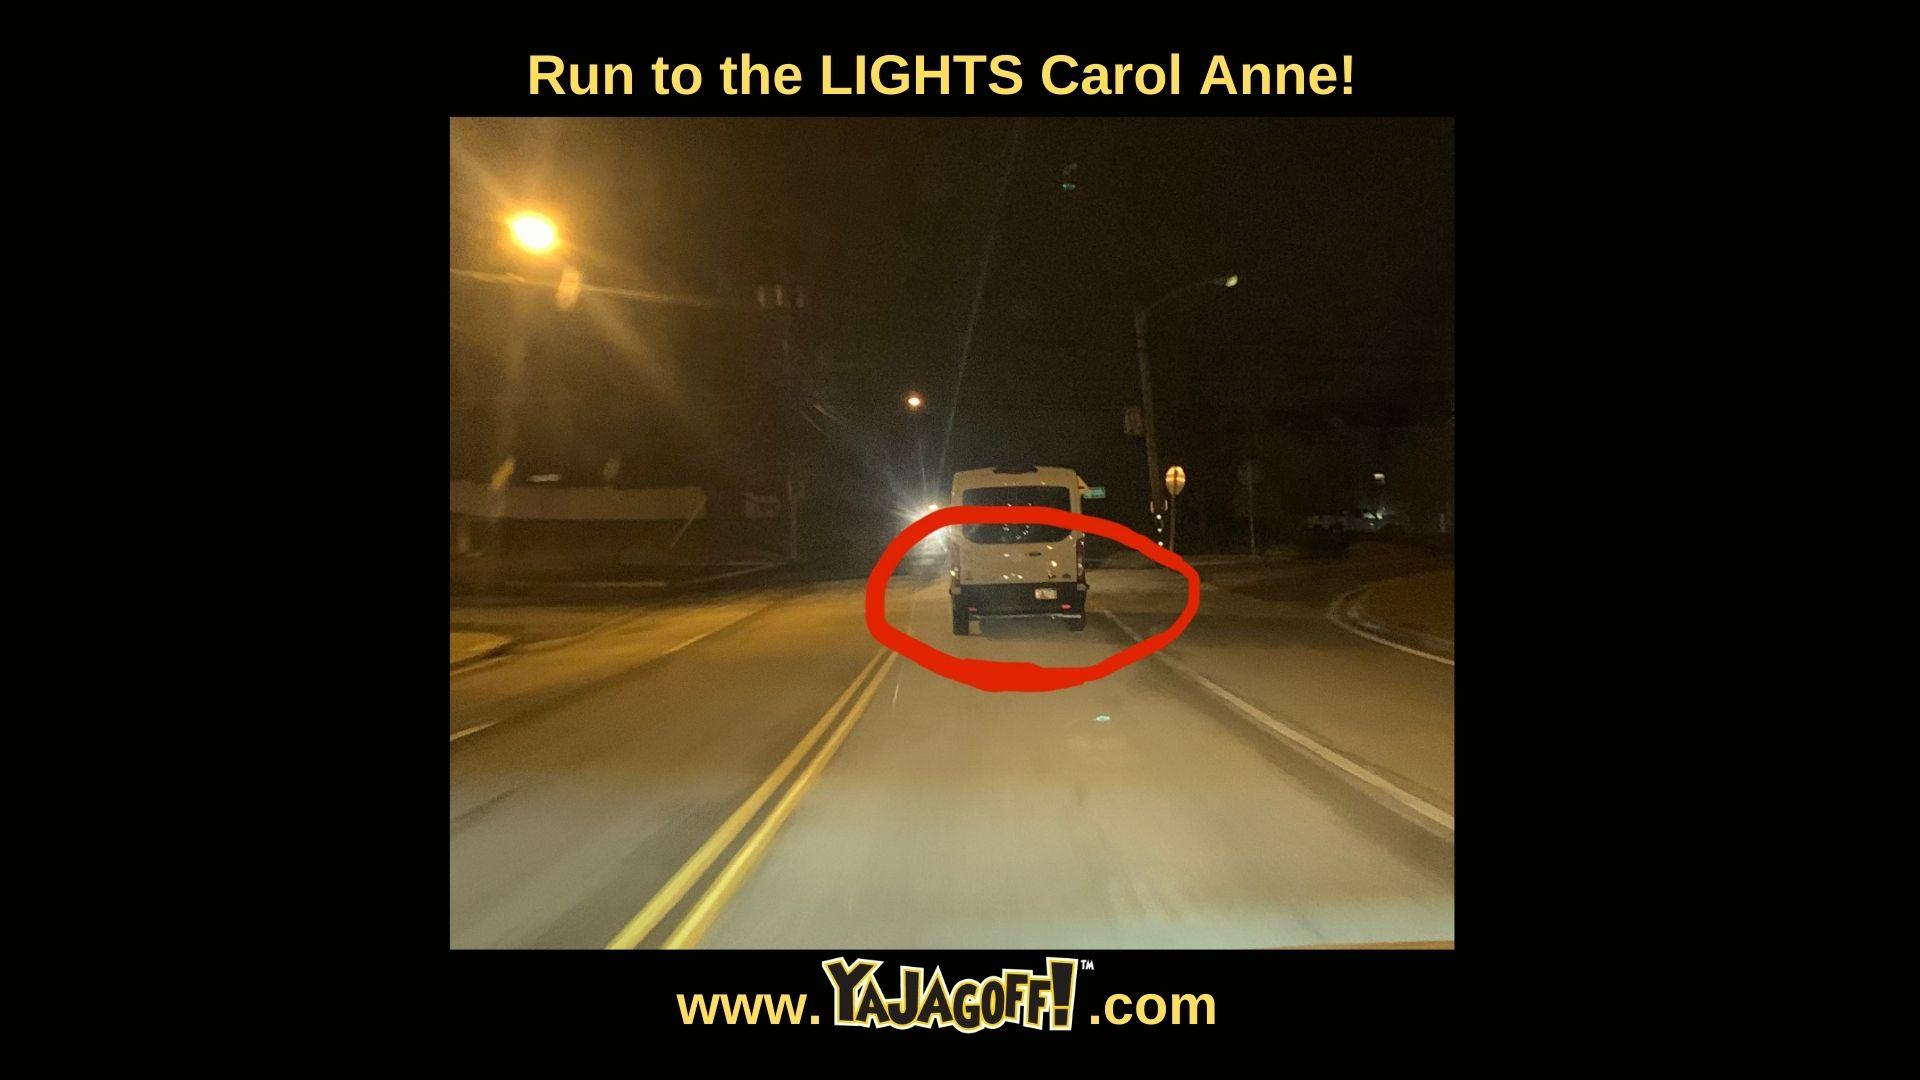 YaJAgoff Blog Post Van With No Lights